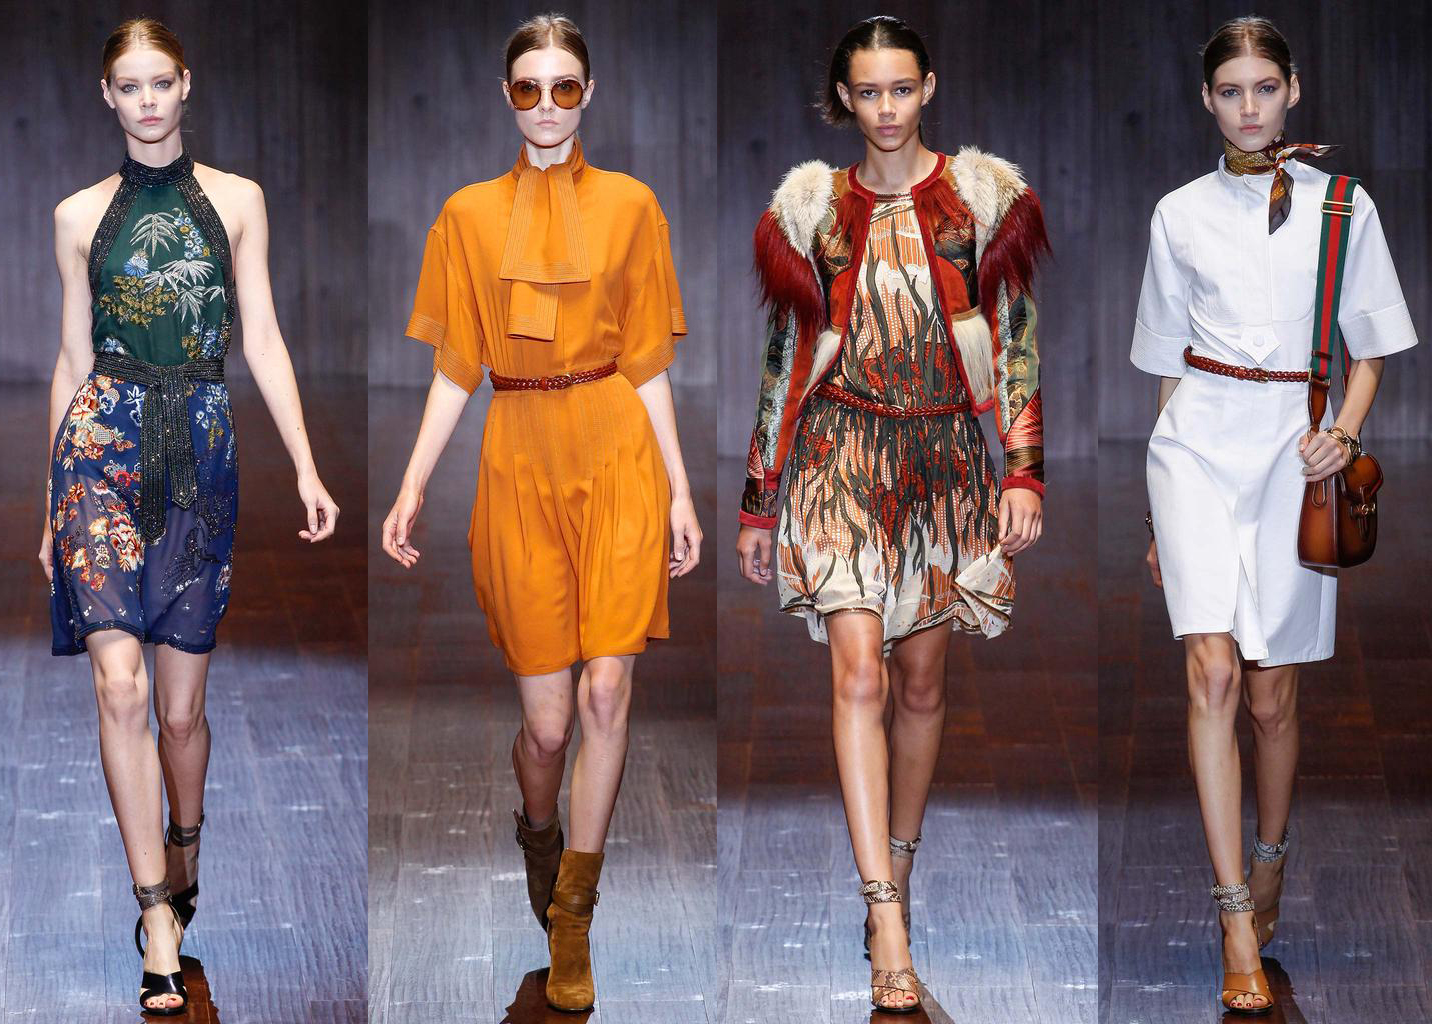 Неделя моды в Милане: Gucci, весна-лето 2015 - фото №1